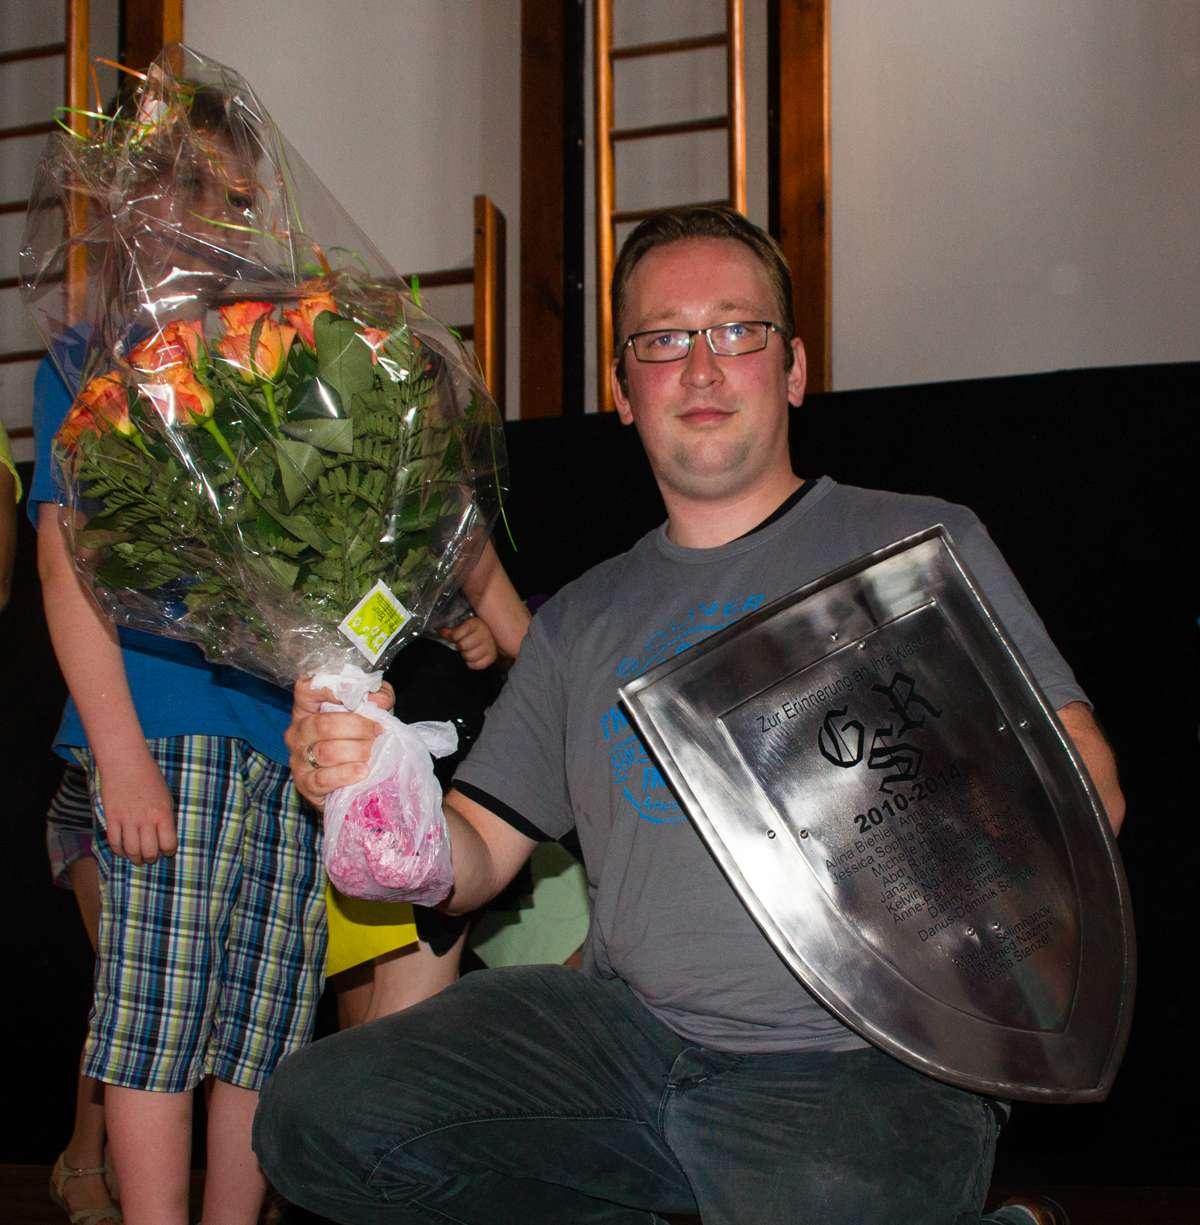 Herr Lubian mit seinem Geschenk, einem mittelalterichen Schild mit Namen aller Kinder.